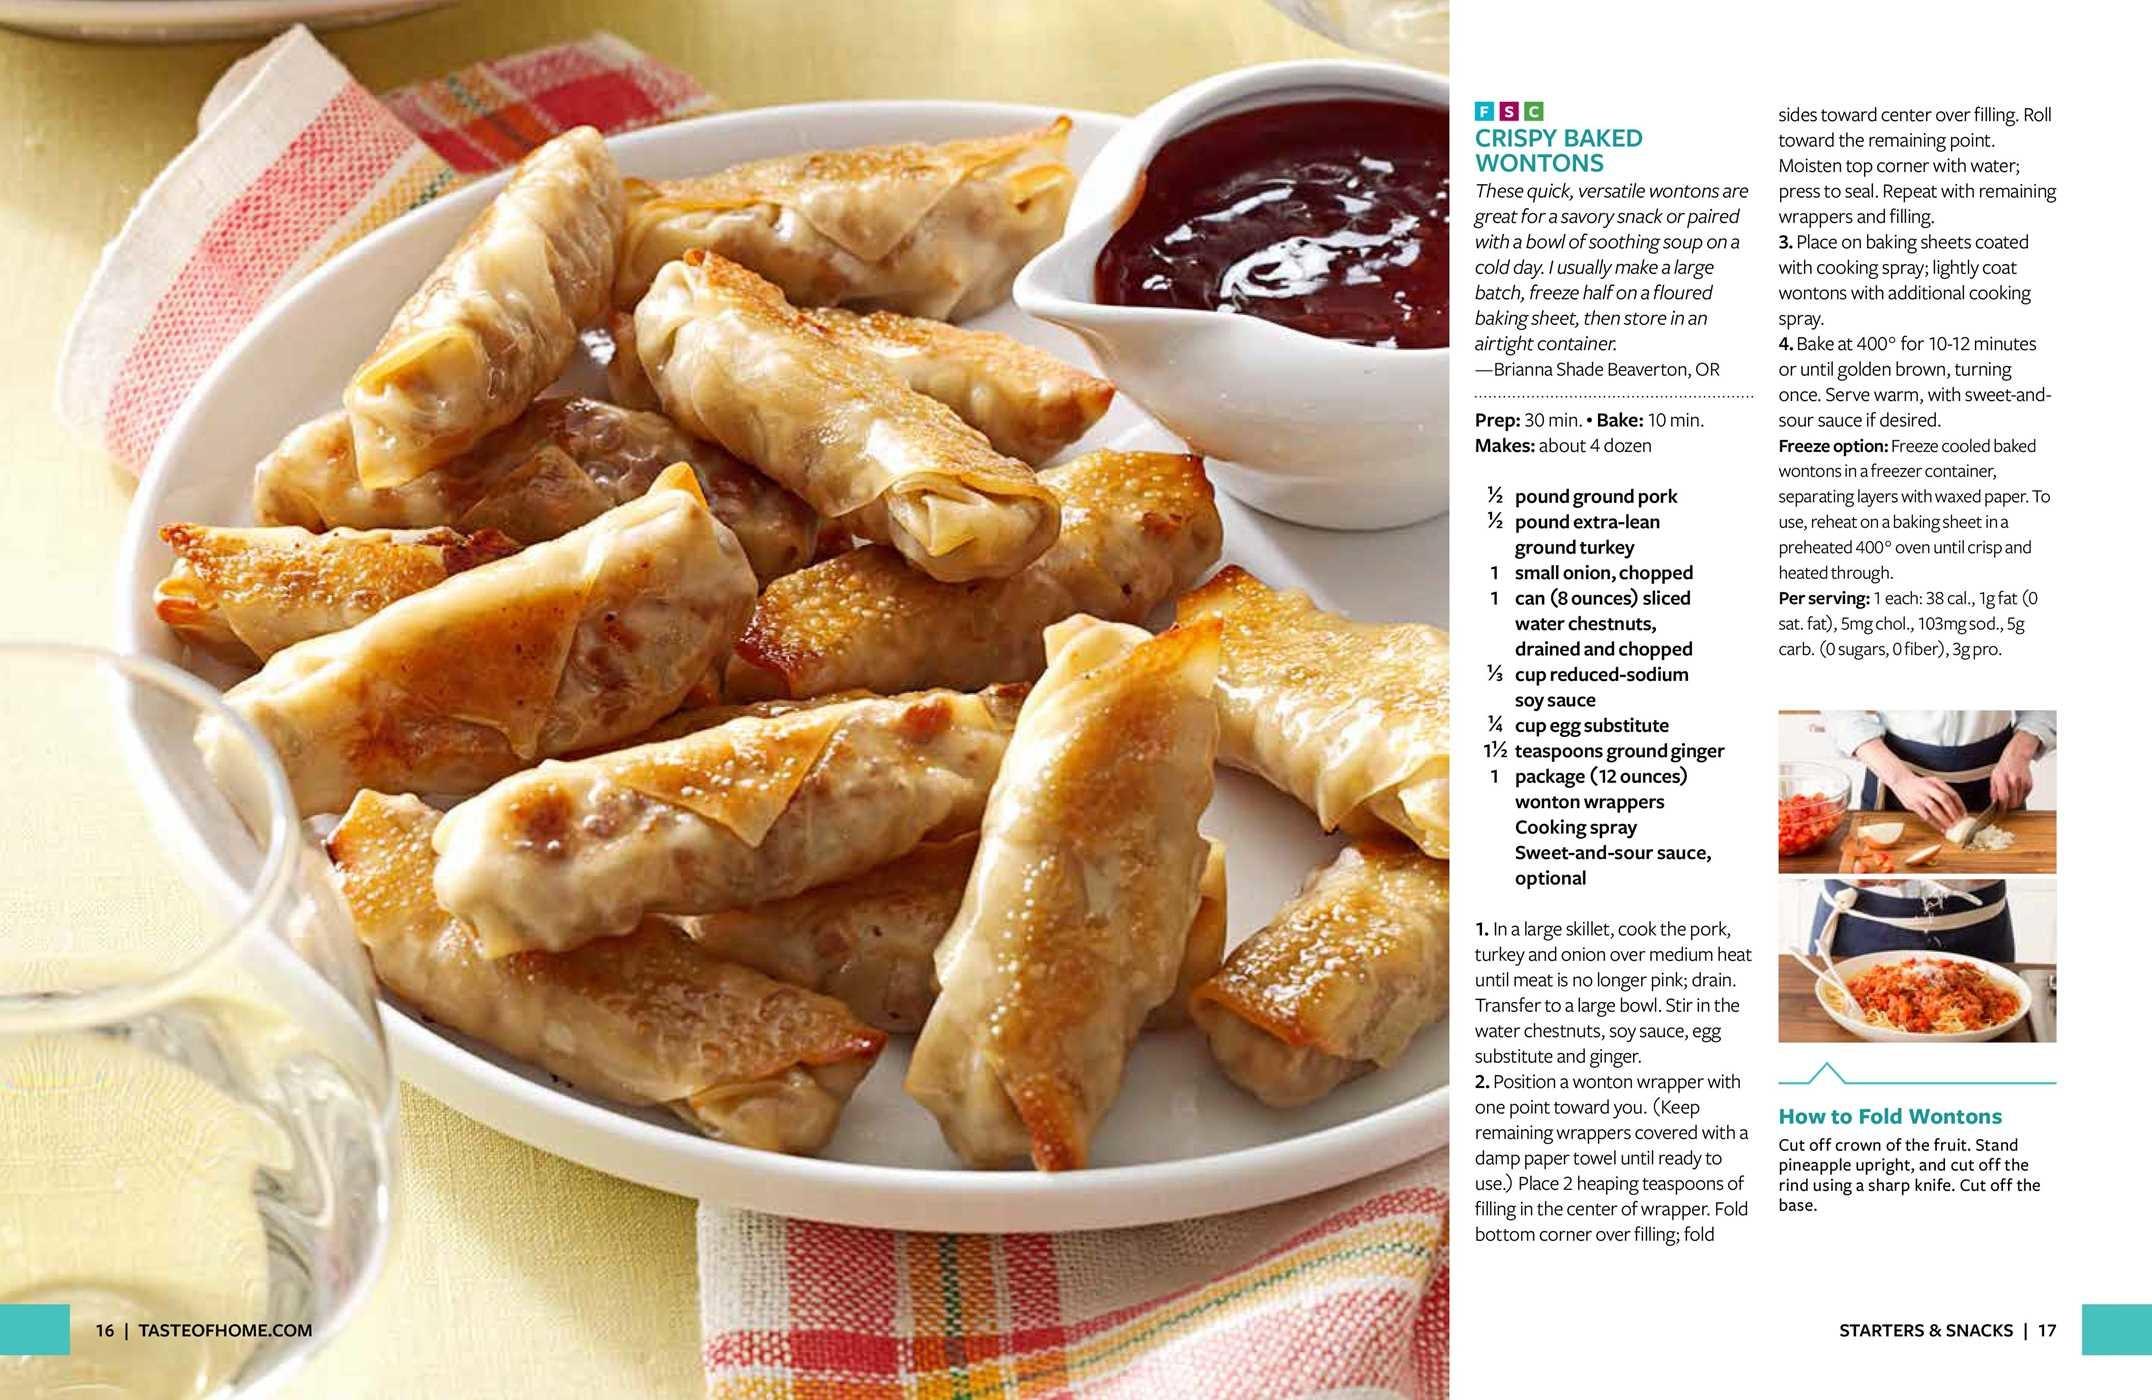 Taste of home simply healthy cookbook 9781617657191.in07